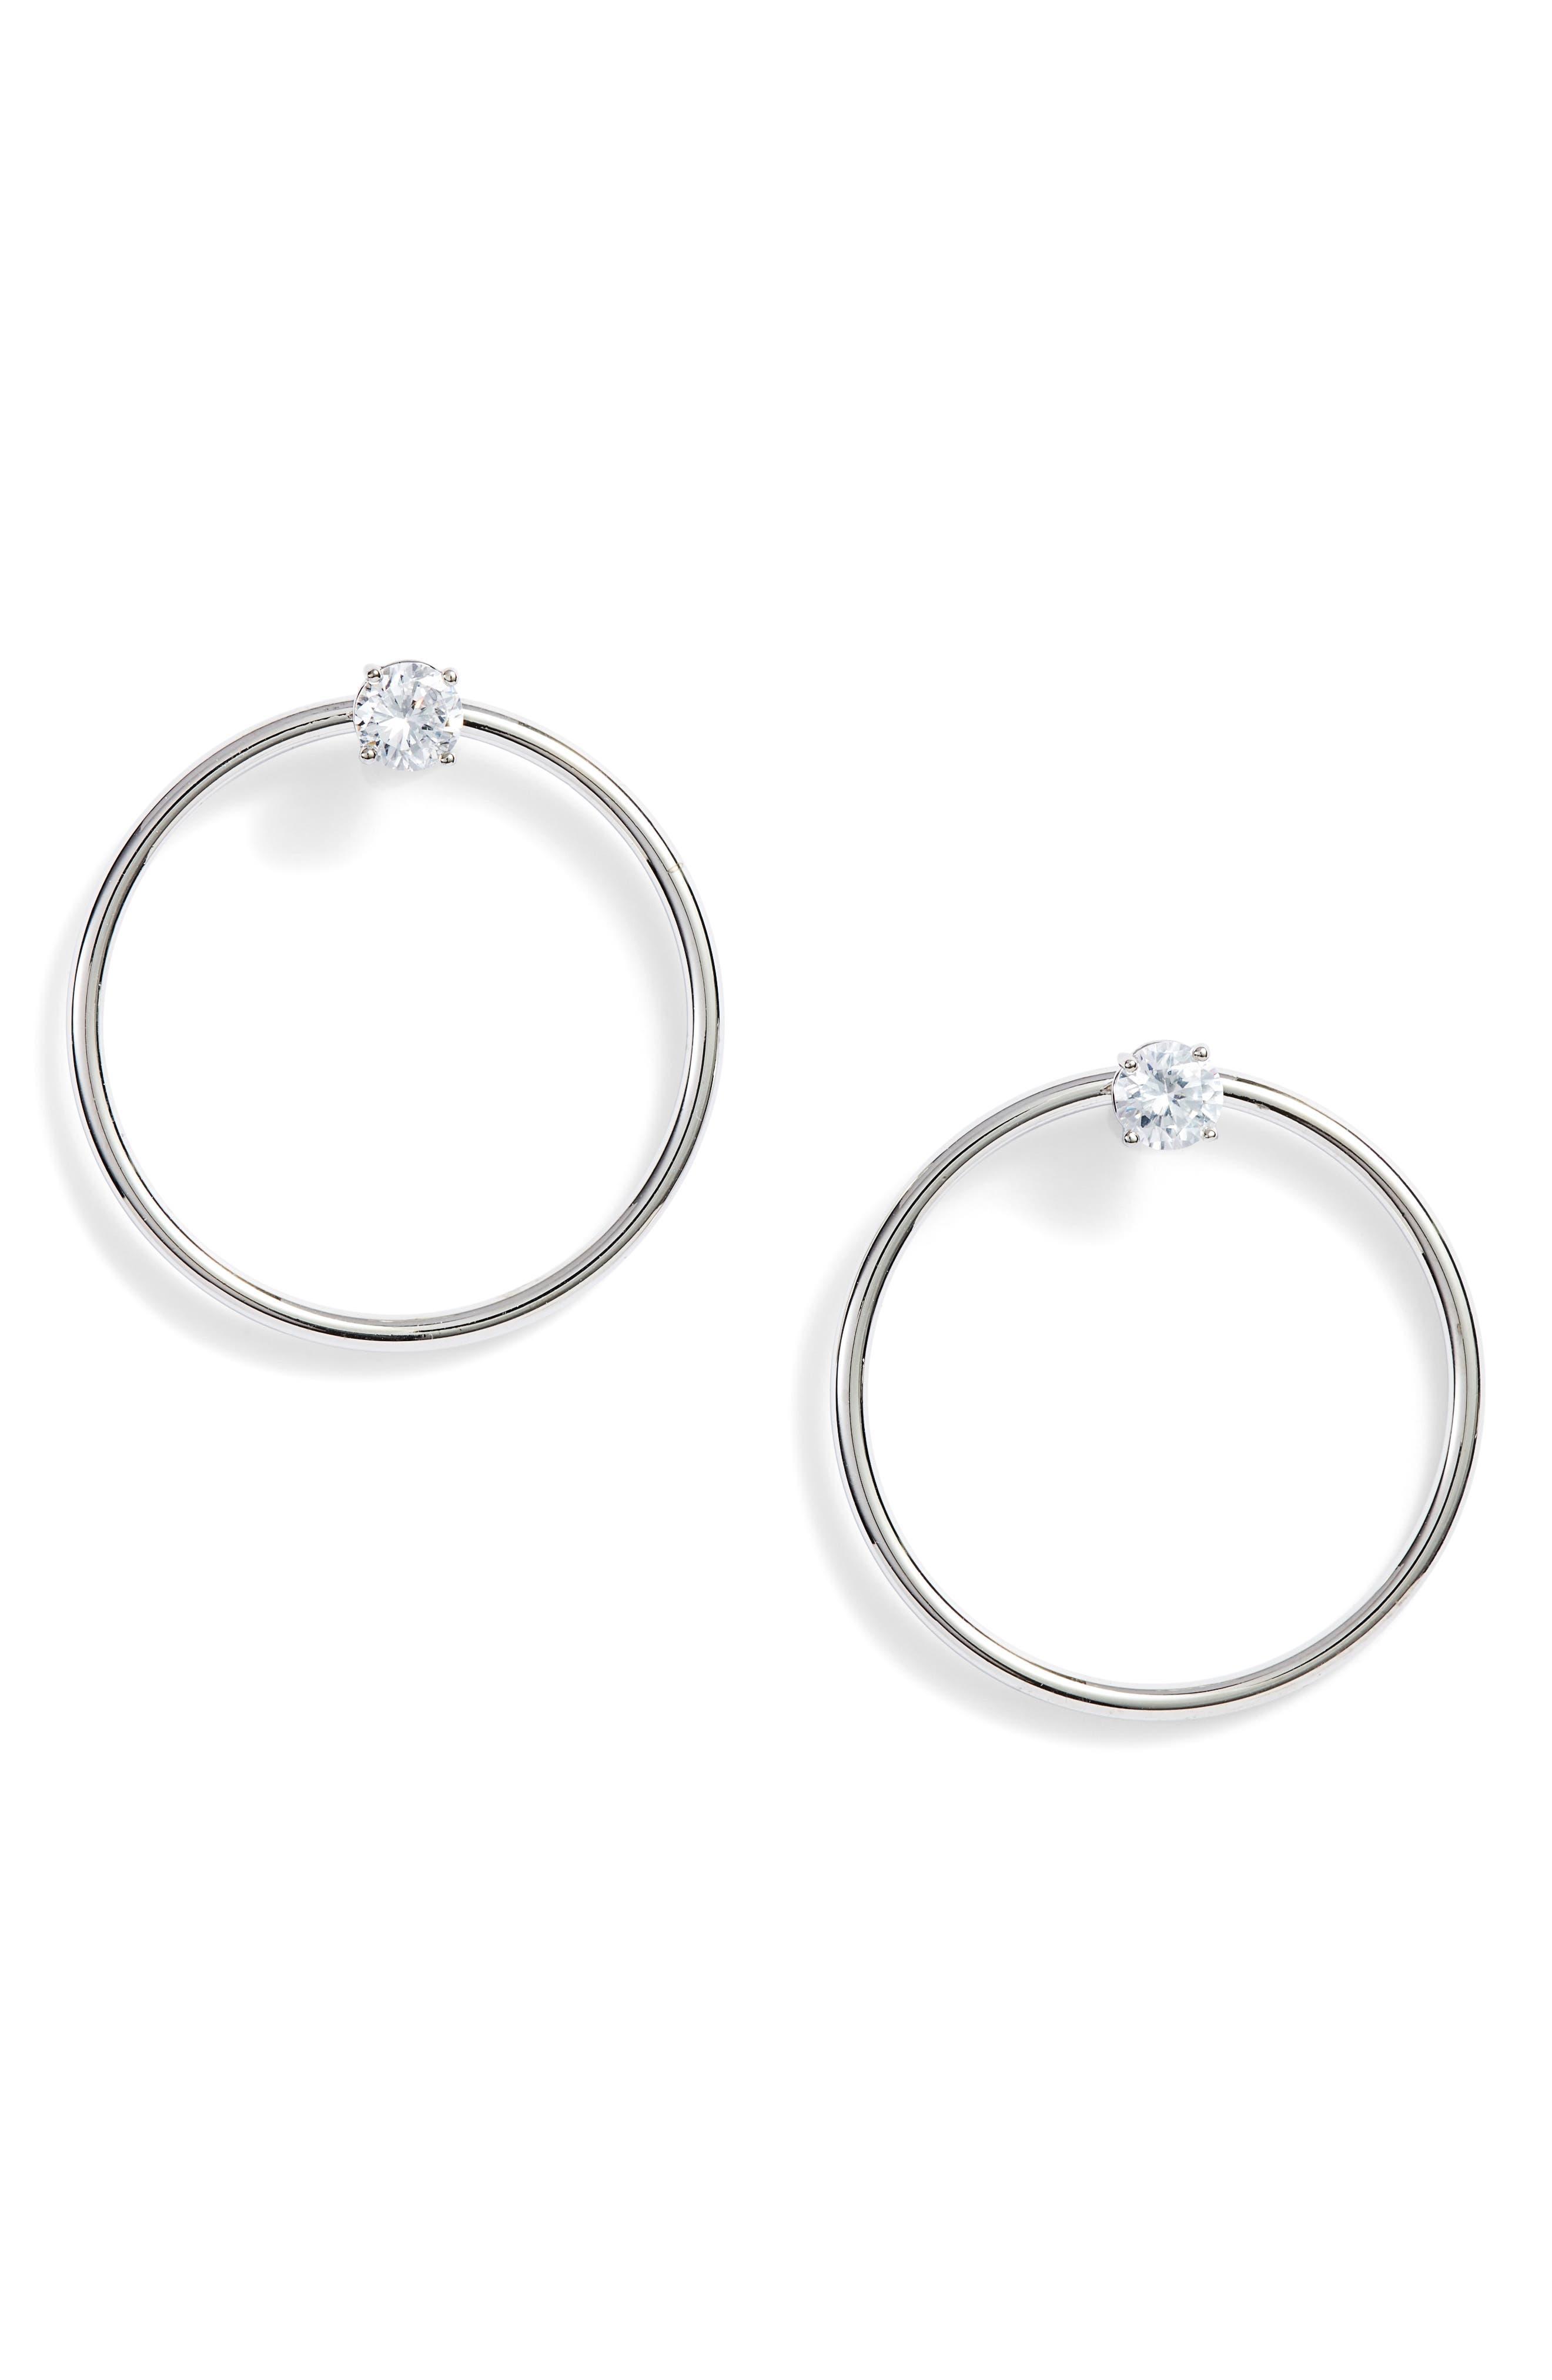 Crystal Stud Hoop Earrings,                             Main thumbnail 1, color,                             041